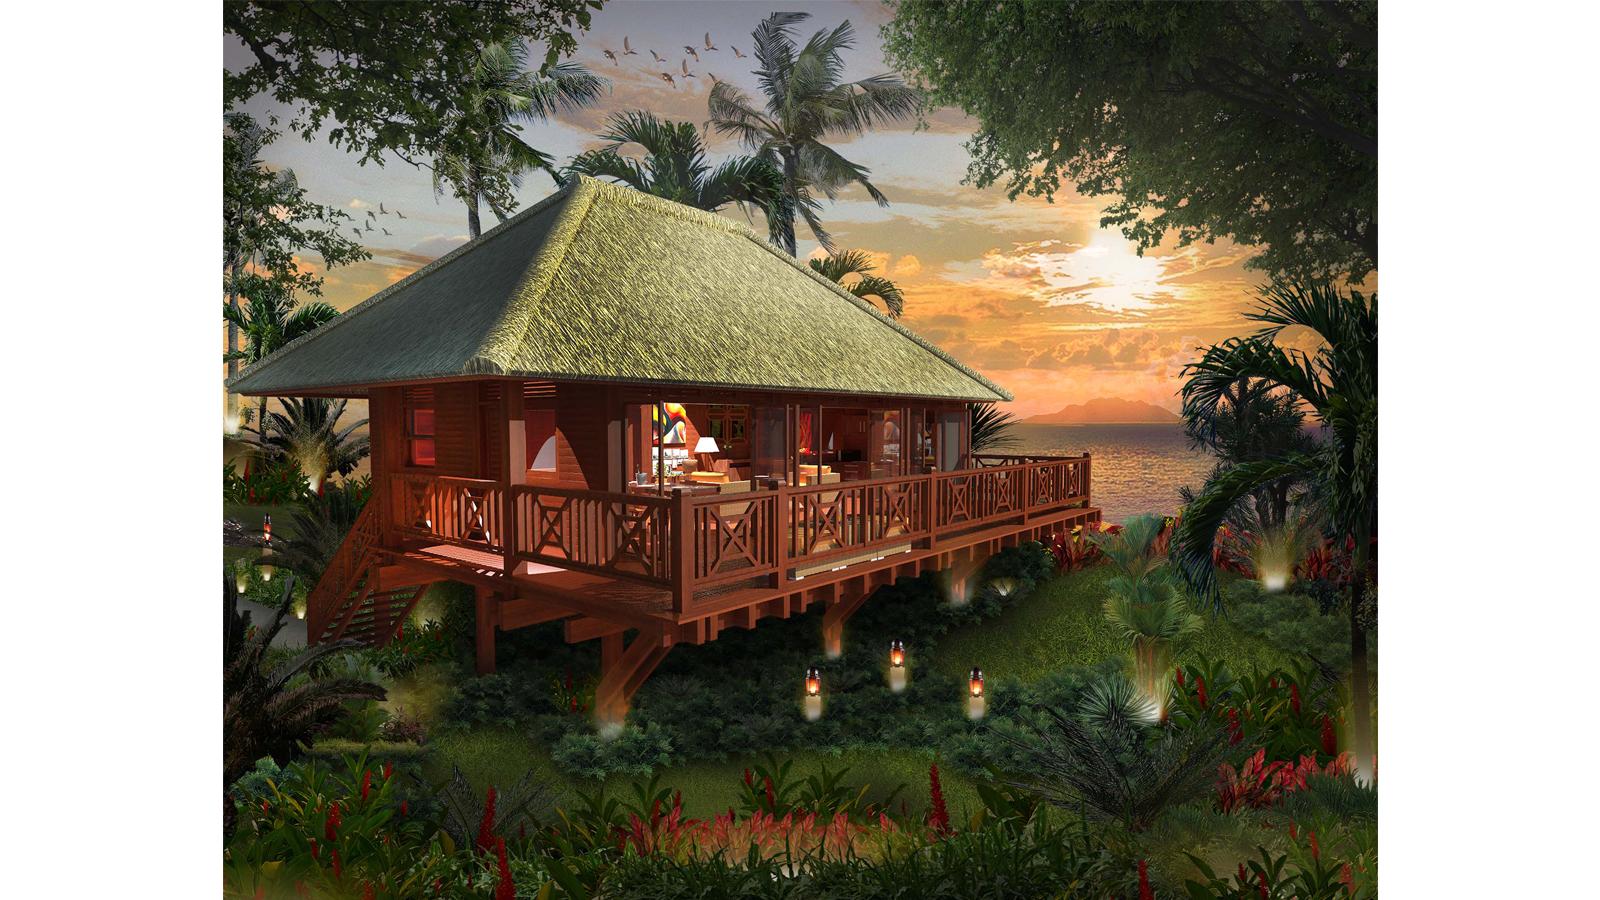 Caribbean Pole House